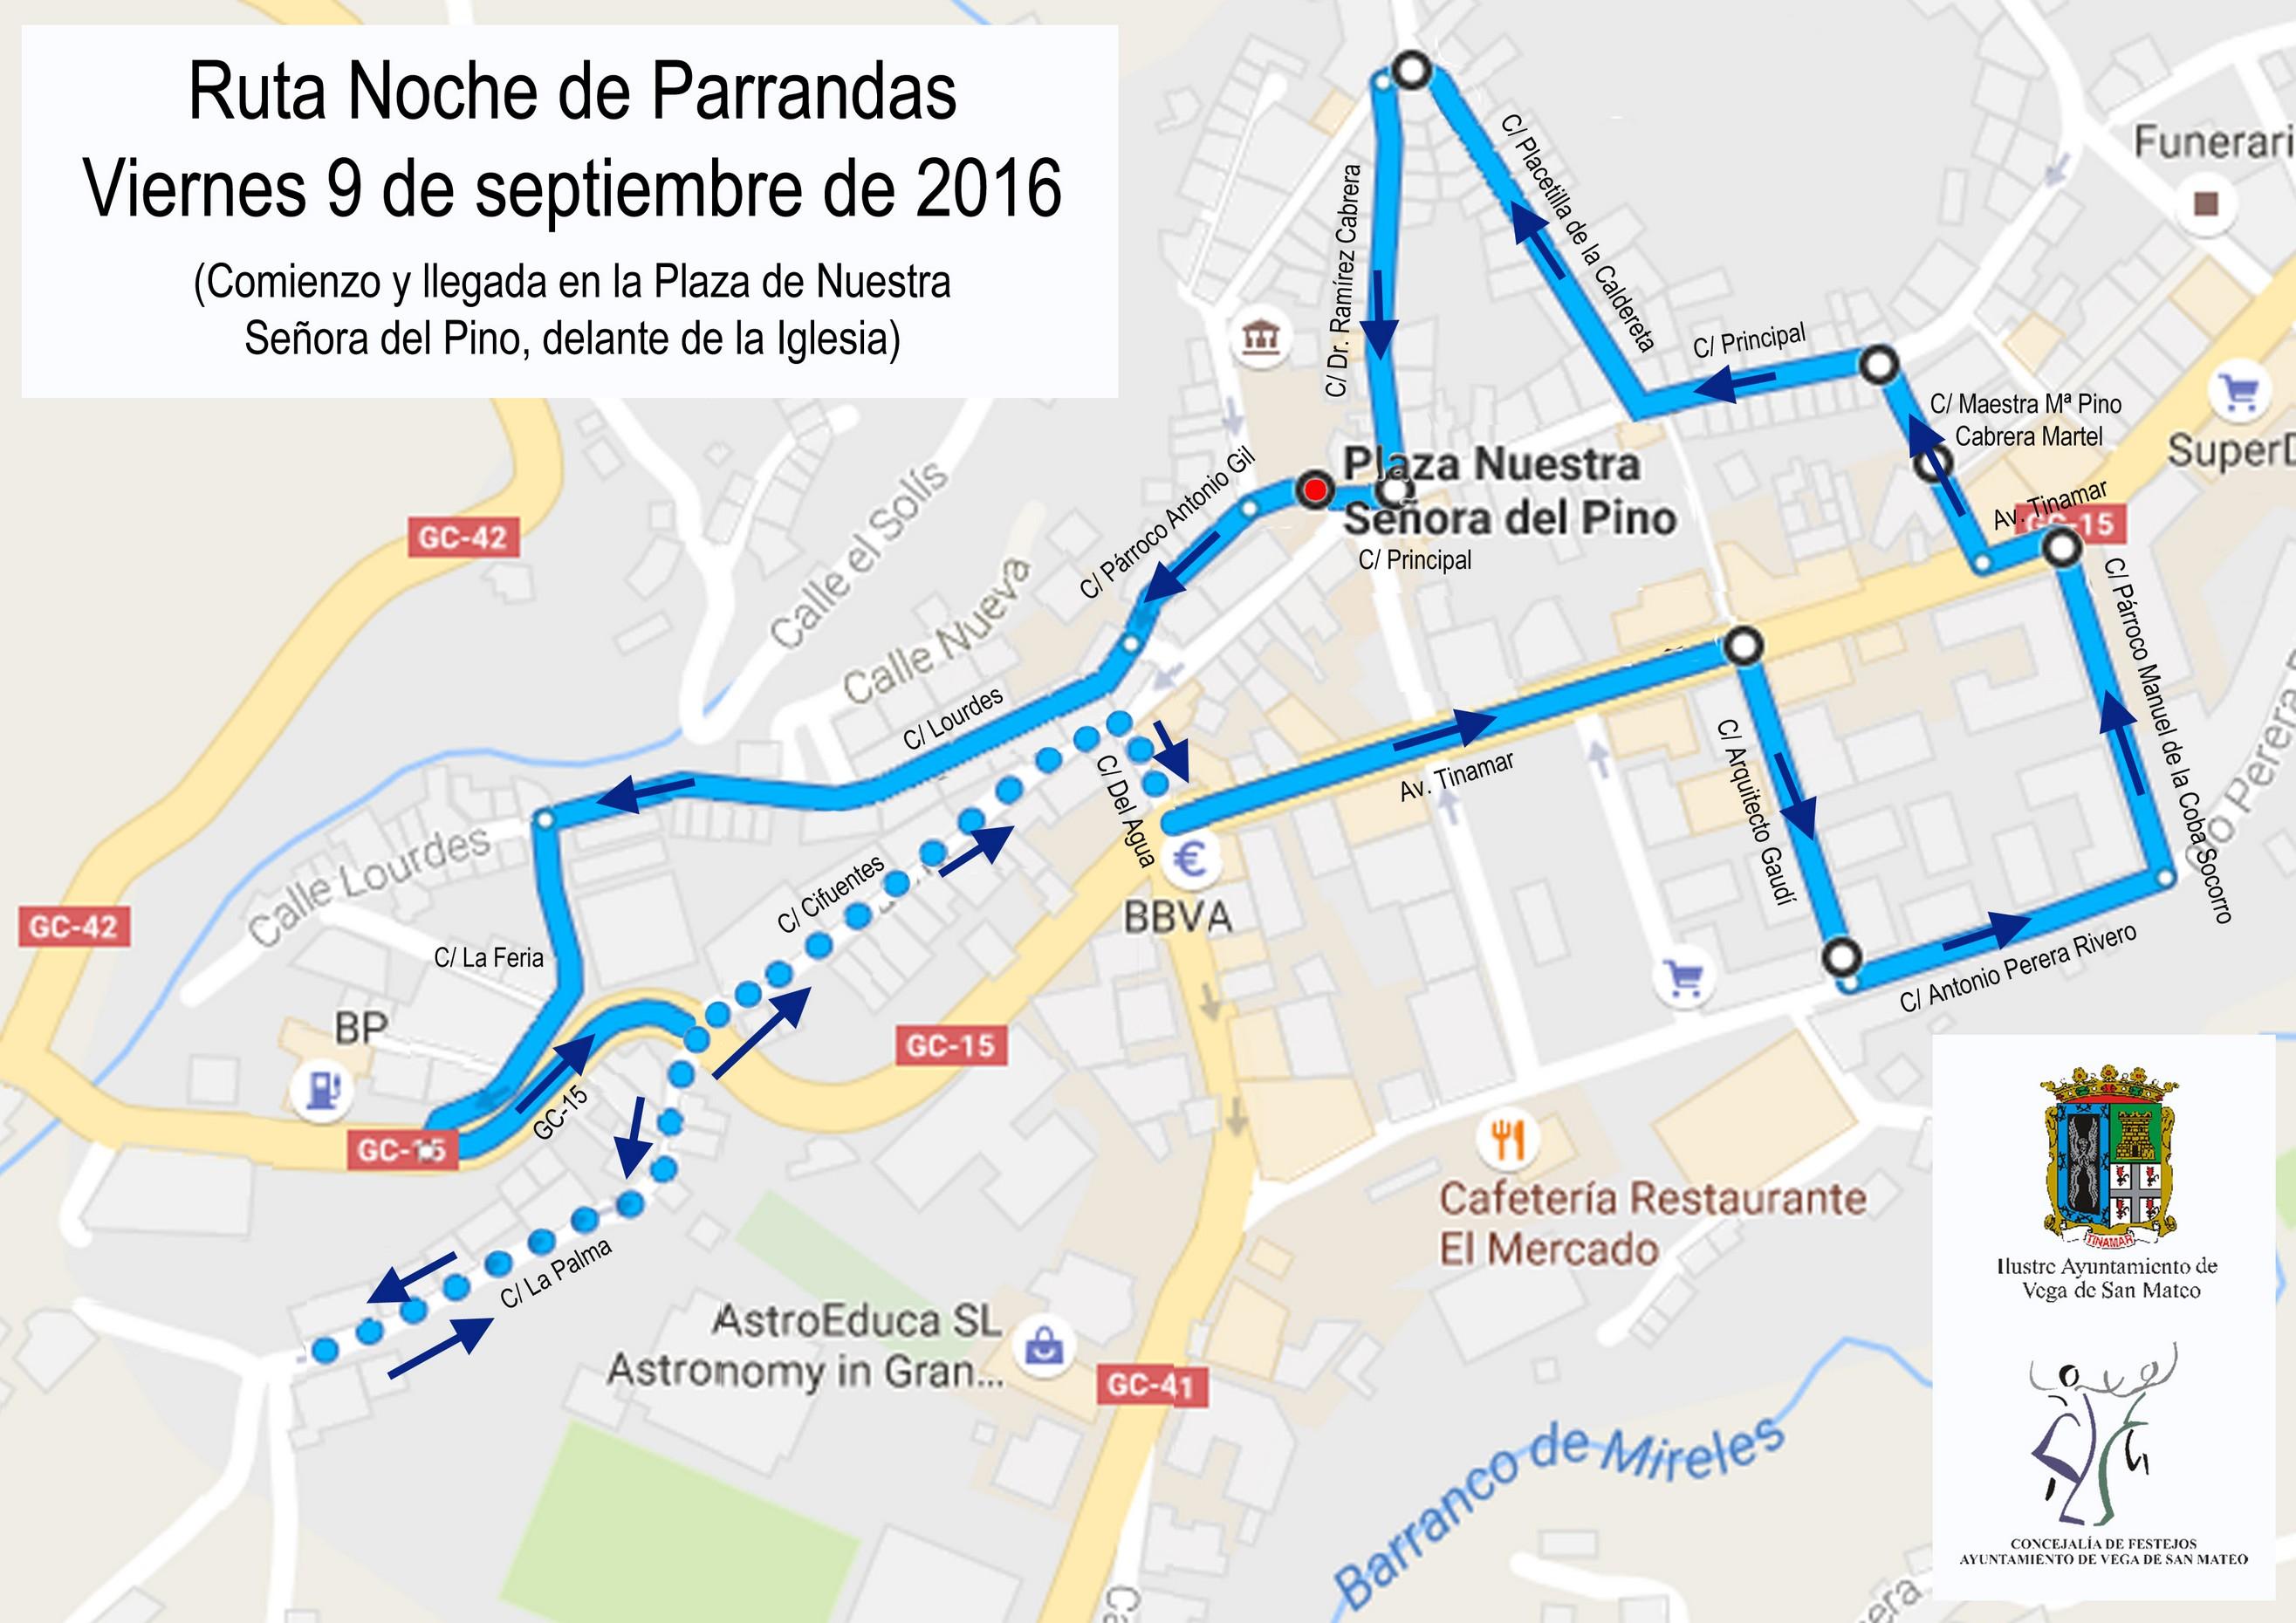 Noche de Parrandas 2016 ruta